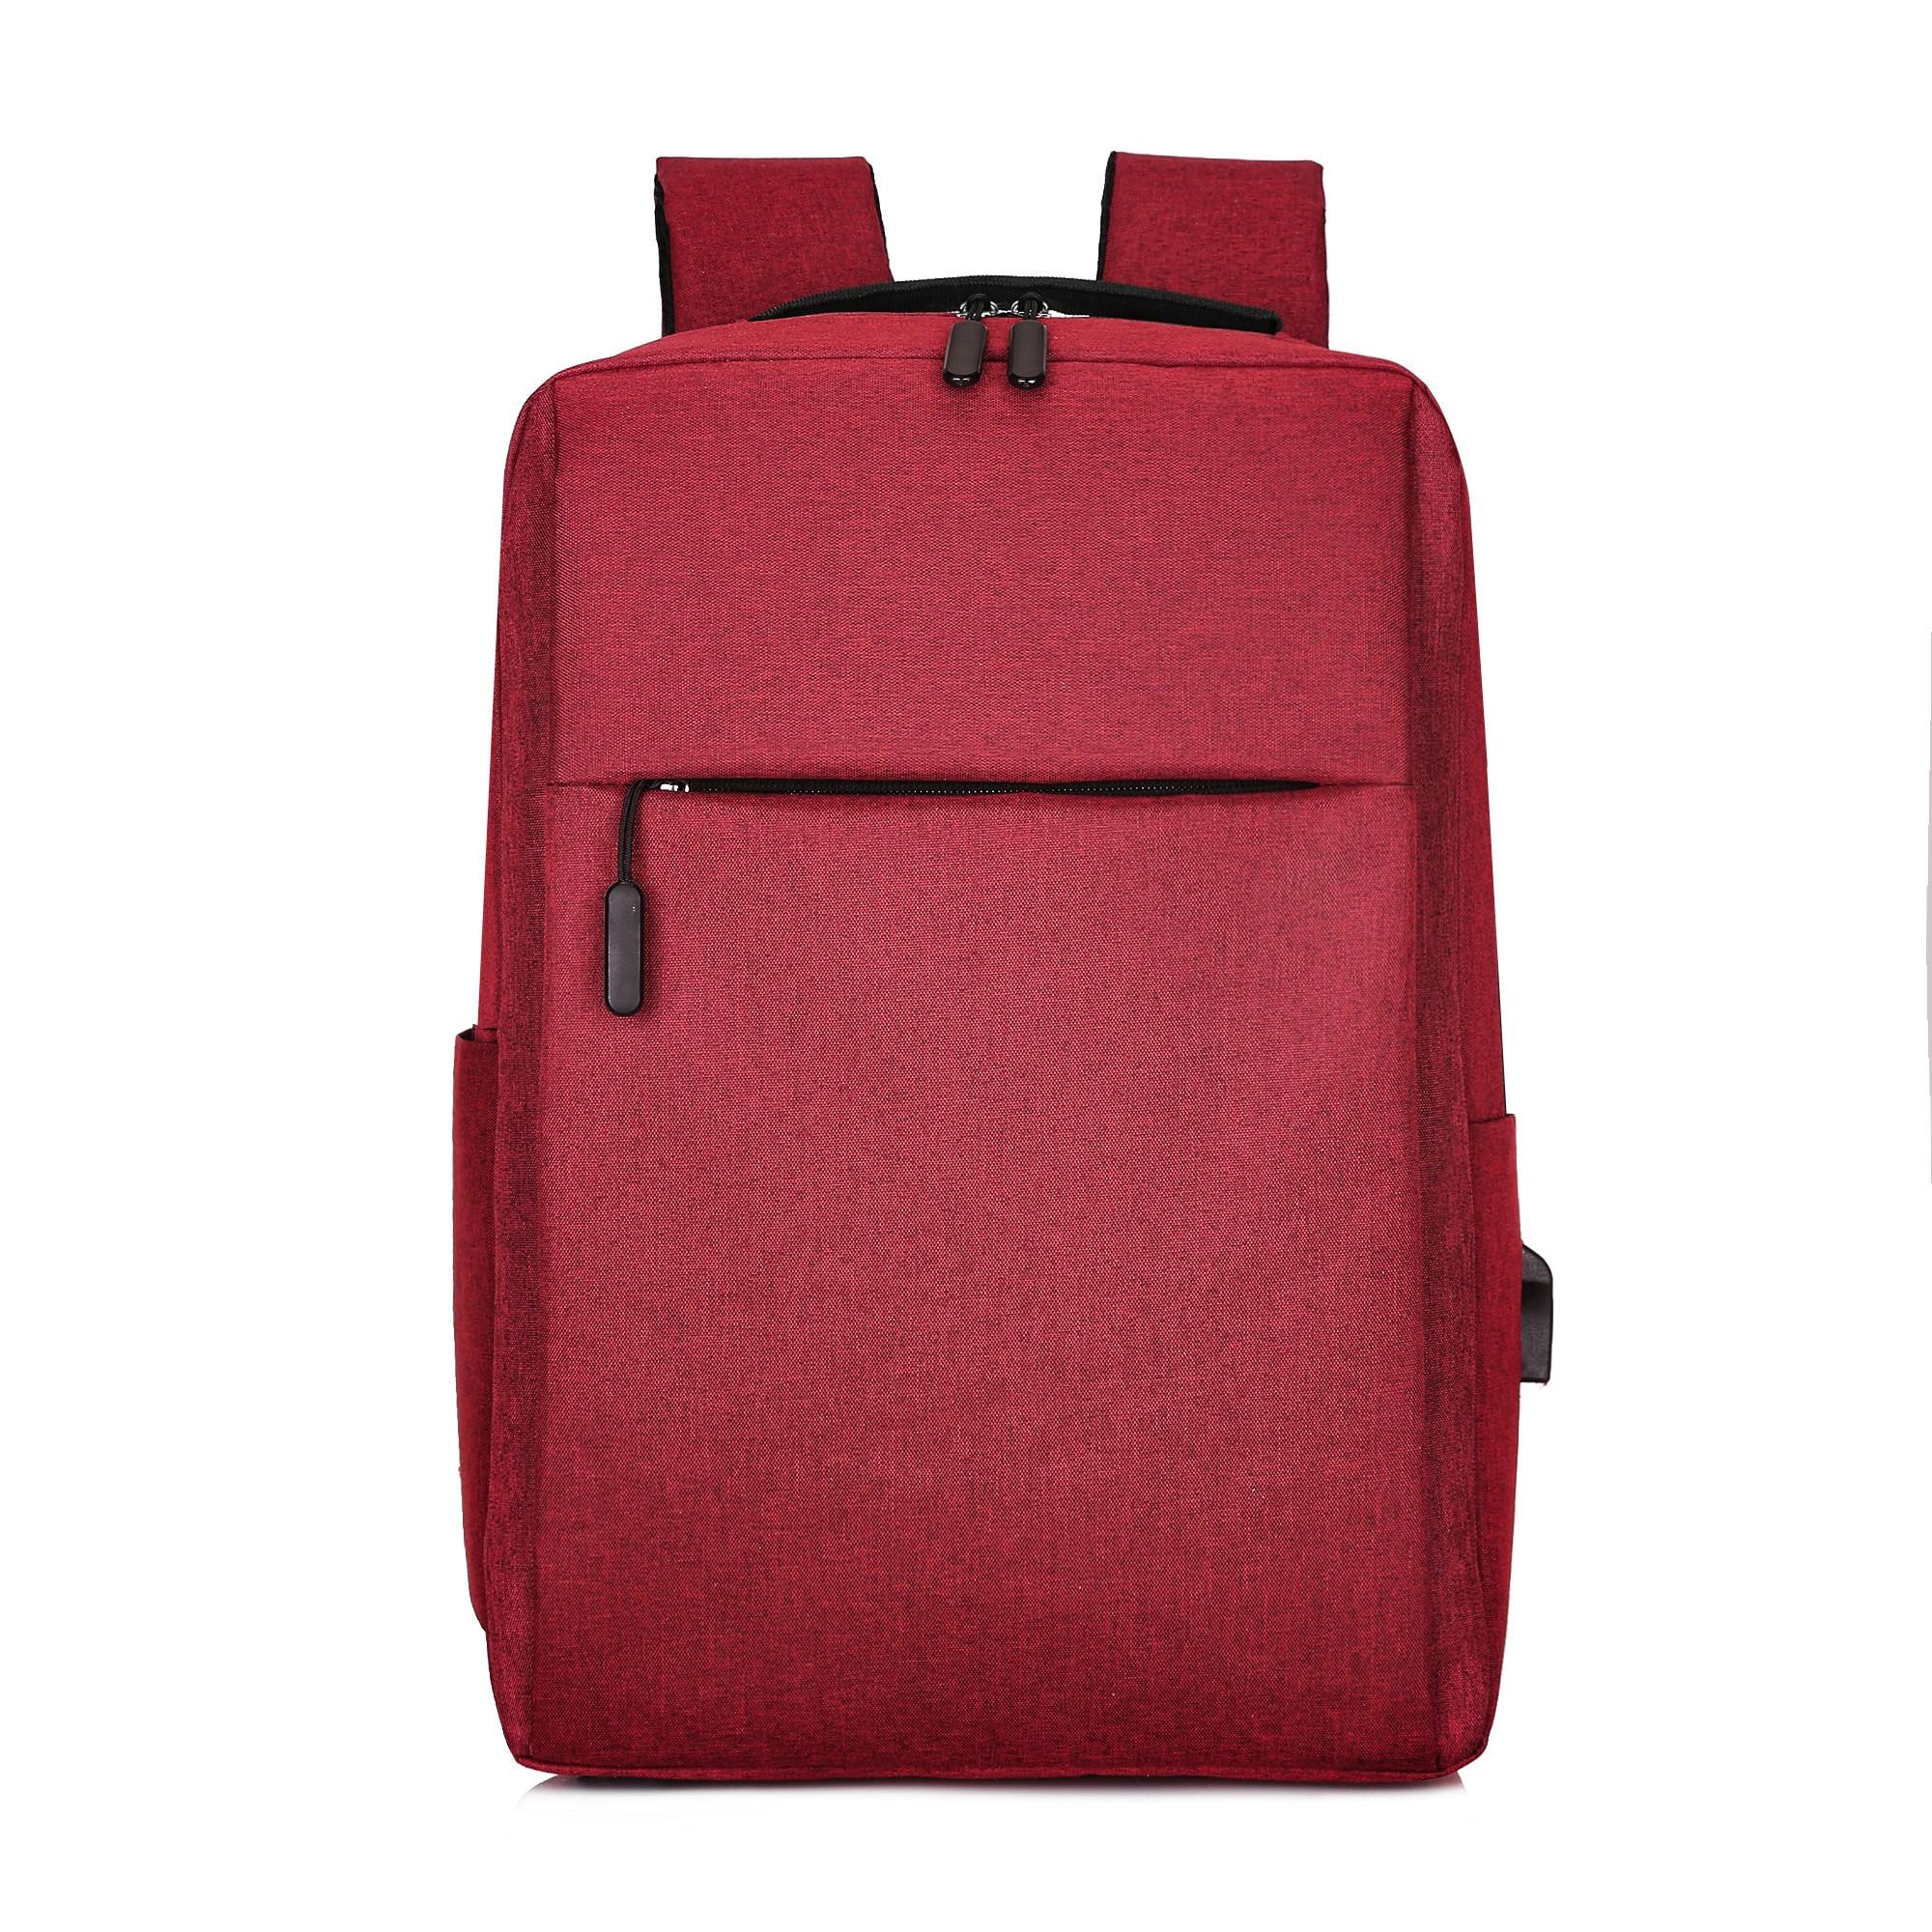 2020 New Laptop Usb Backpack School Bag Rucksack Anti Theft Men Backbag Travel Daypacks Male Leisure Backpack Mochila Women Gril